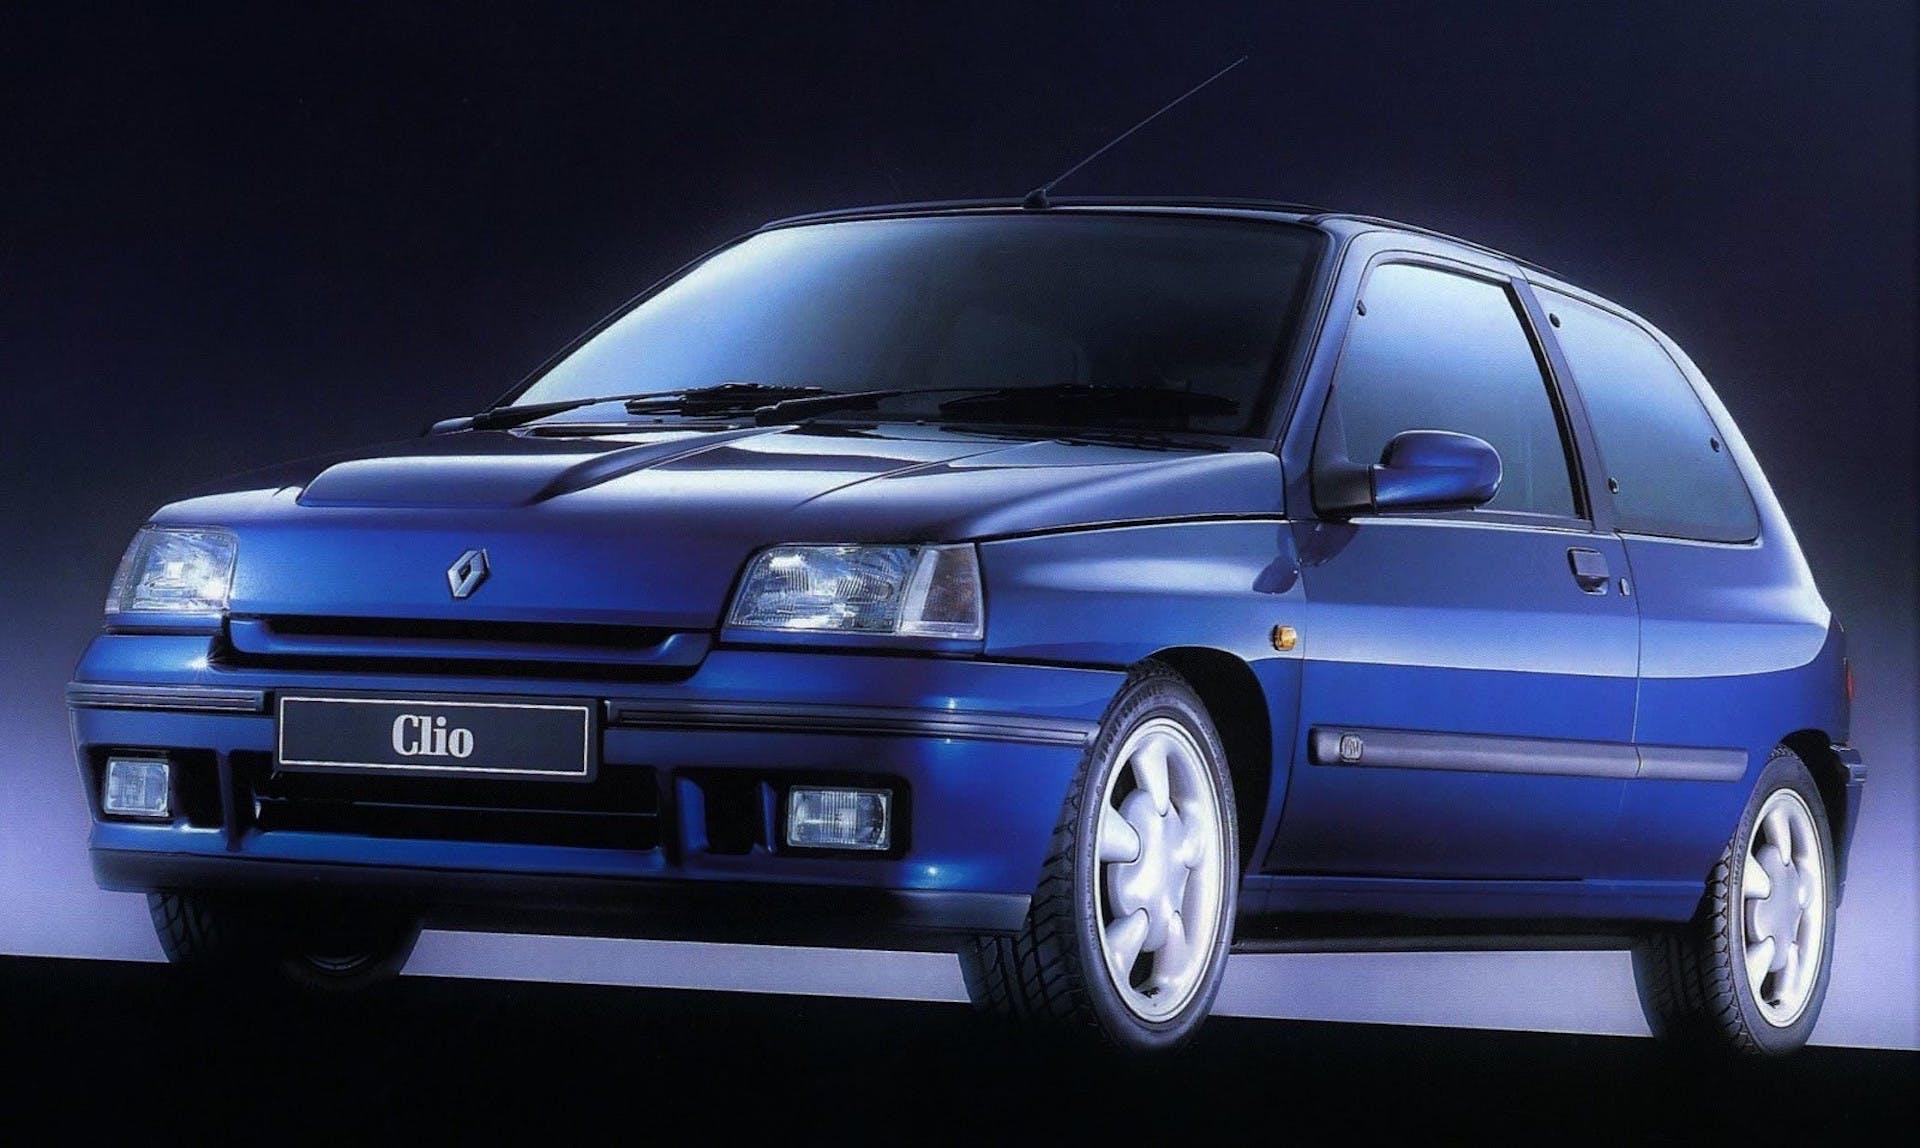 Migliori Youngtimer Renault Clio